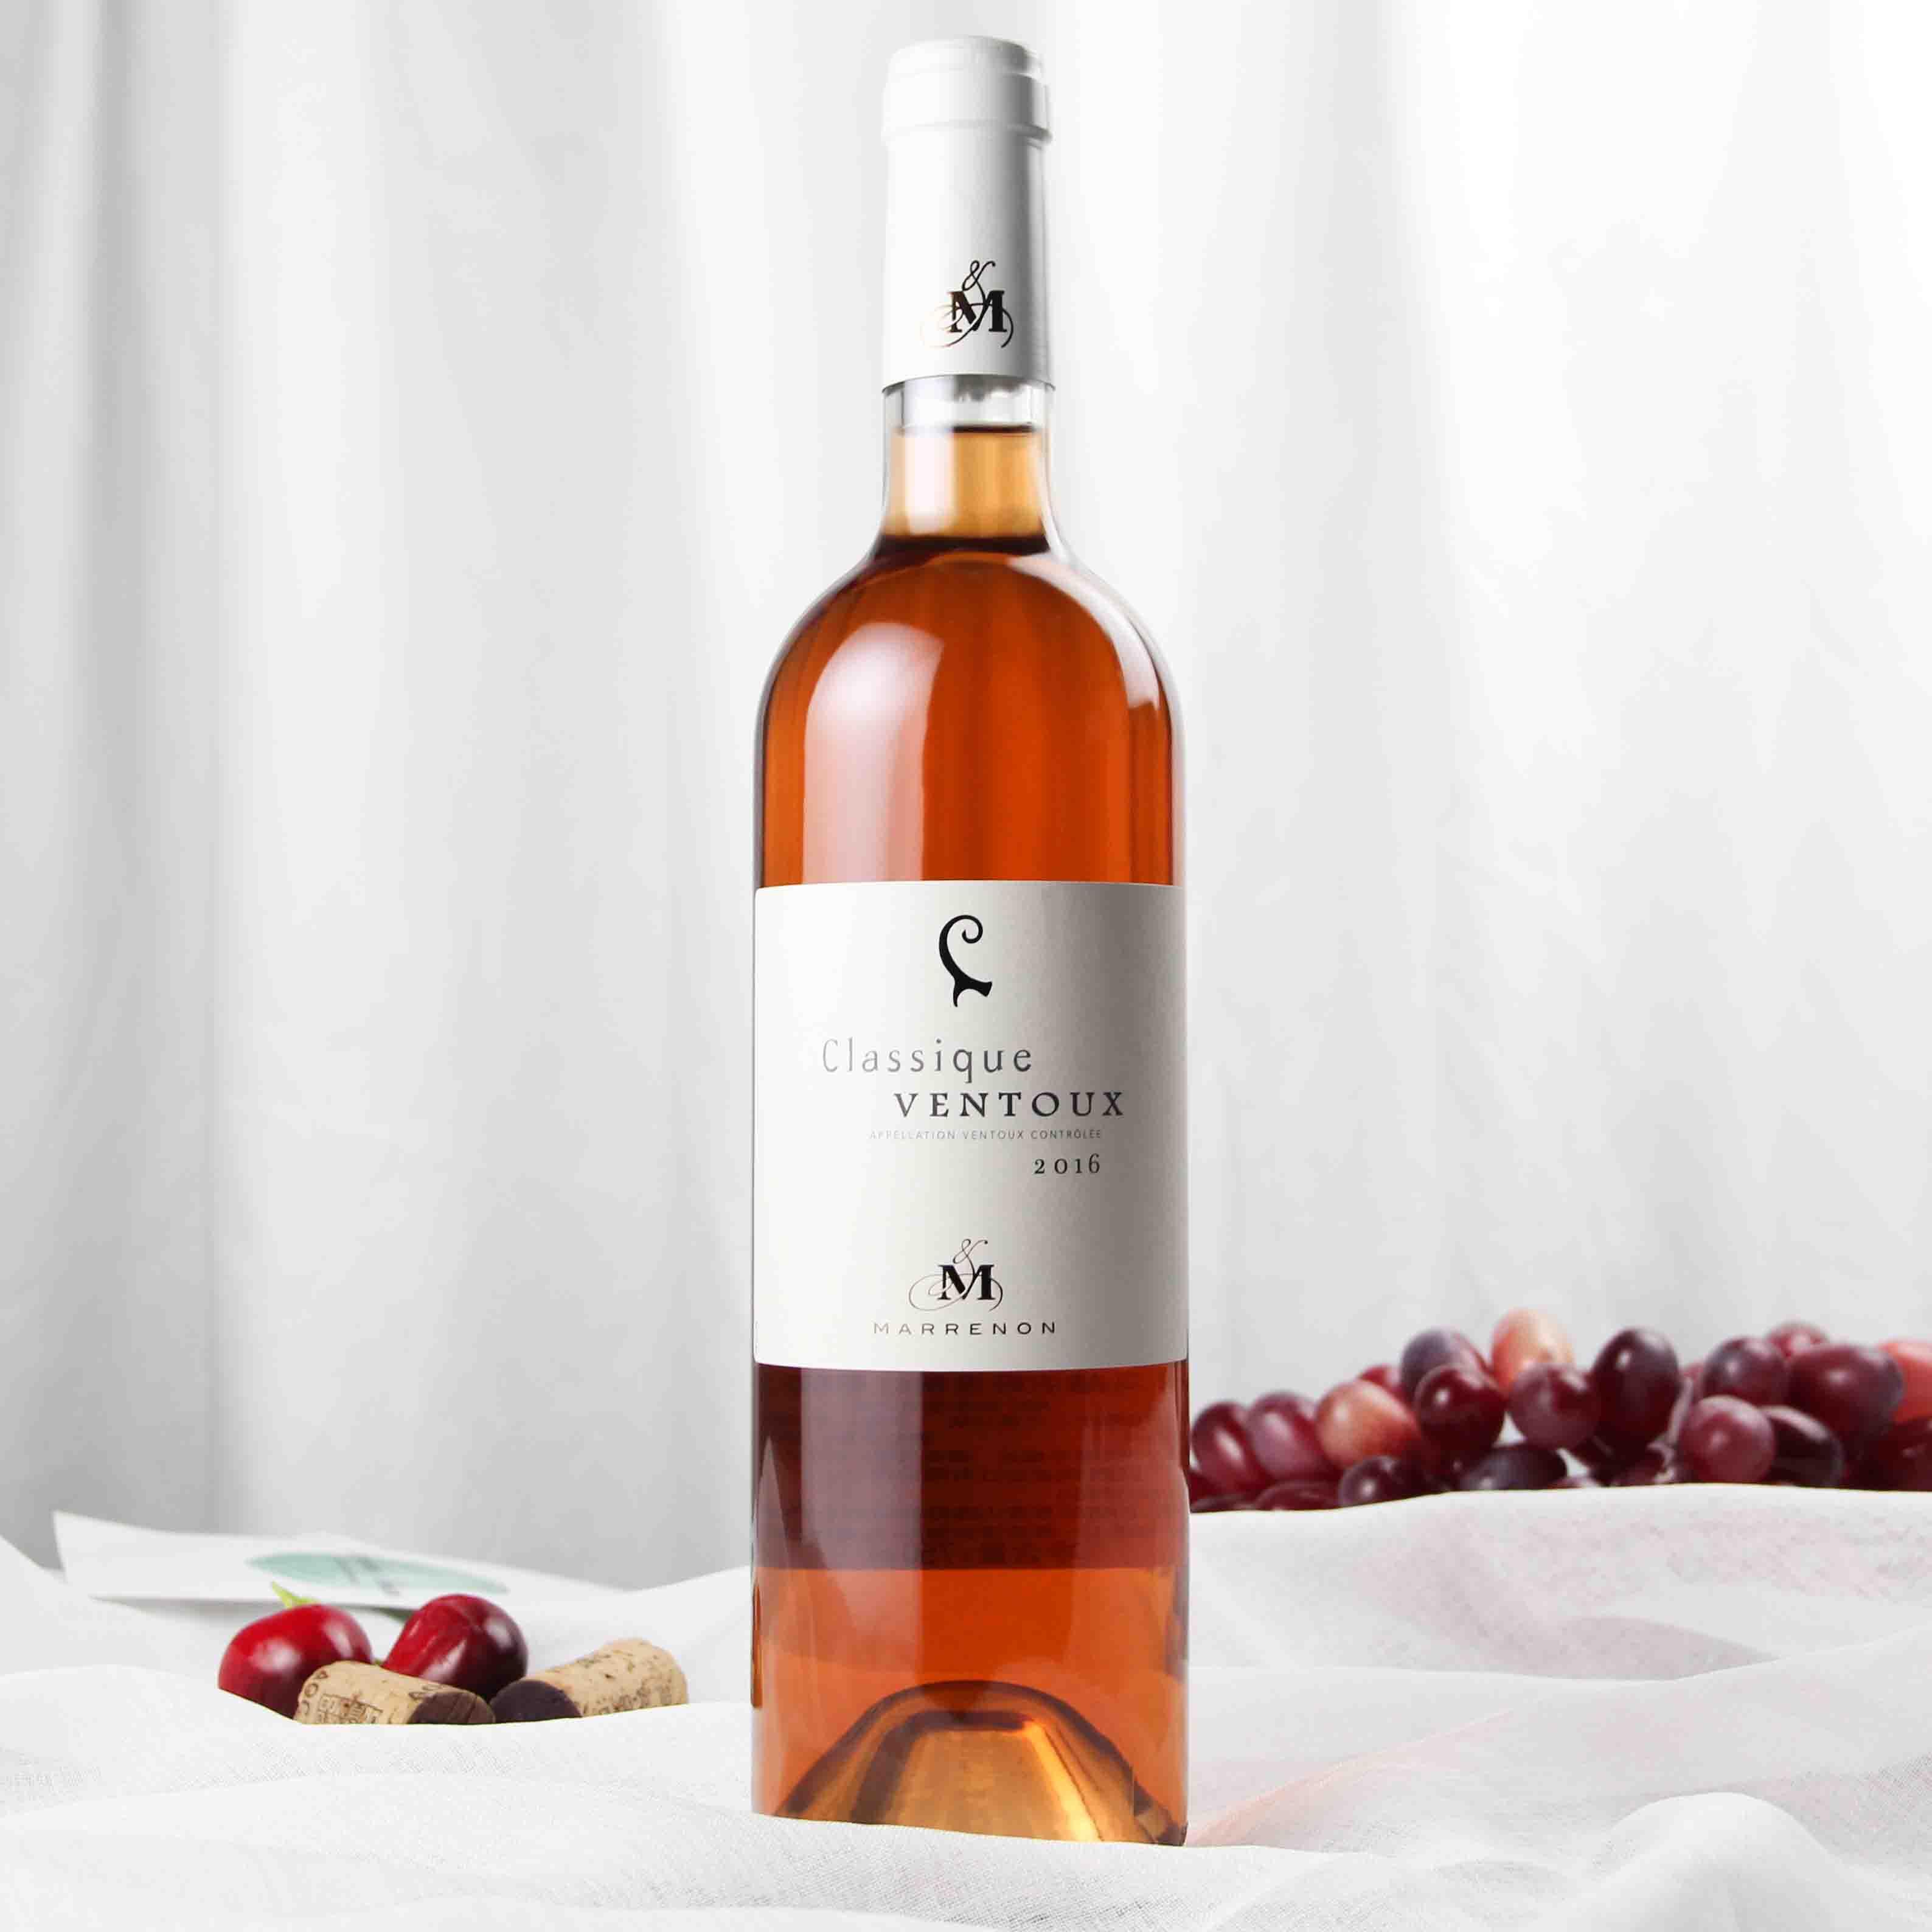 法国罗纳河谷马赫农旺度桃红葡萄酒